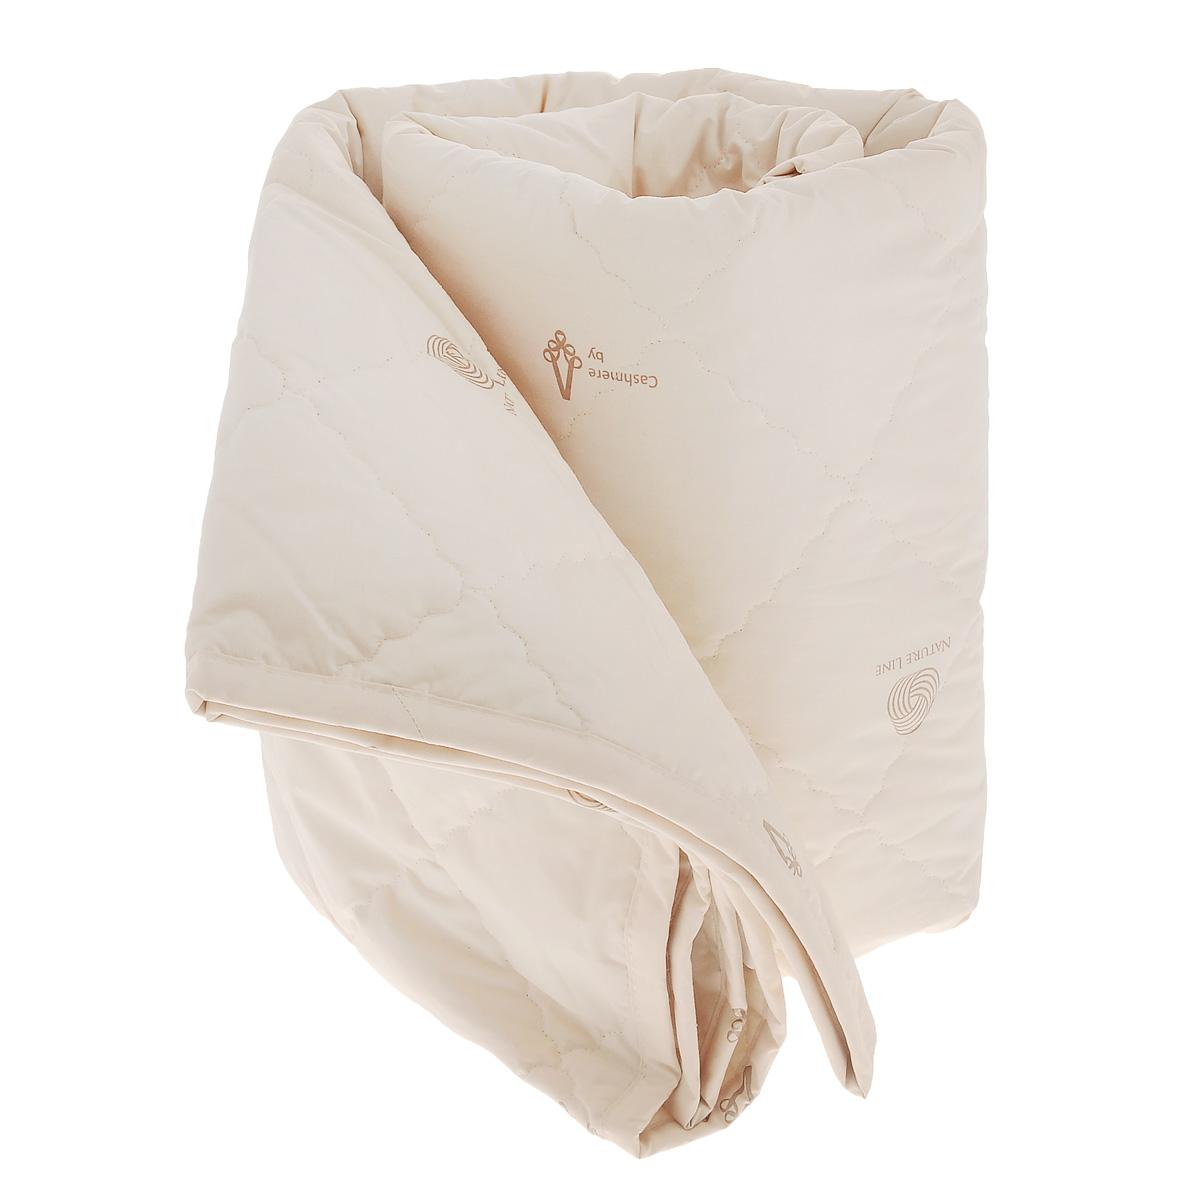 Одеяло La Prima Кашемир, наполнитель: кашемир, полиэфирное волокно, цвет: светло-бежевый, 200 х 220 см1085/0224887/15Одеяло La Prima Кашемир очень легкое, воздушное и одновременно теплое. Чехол одеяла выполнен из 100% хлопка. Наполнитель - из натуральной шерсти кашемирской козы. Одеяла с наполнителем из кашемира очень высоко ценят во всем мире. Изделие обладает высокой воздухопроницаемостью, прекрасно сохраняет тепло и снимает статистическое электричество. Оно гипоаллергенно, очень практично и неприхотливо в уходе. Благоприятно воздействует на мышцы и суставы, создавая эффект микромассажа, обеспечивает здоровый и глубокий сон. Ручная стирка при температуре 30°С. Материал чехла: 100% хлопок. Наполнитель: кашемир, полиэфирное волокно.